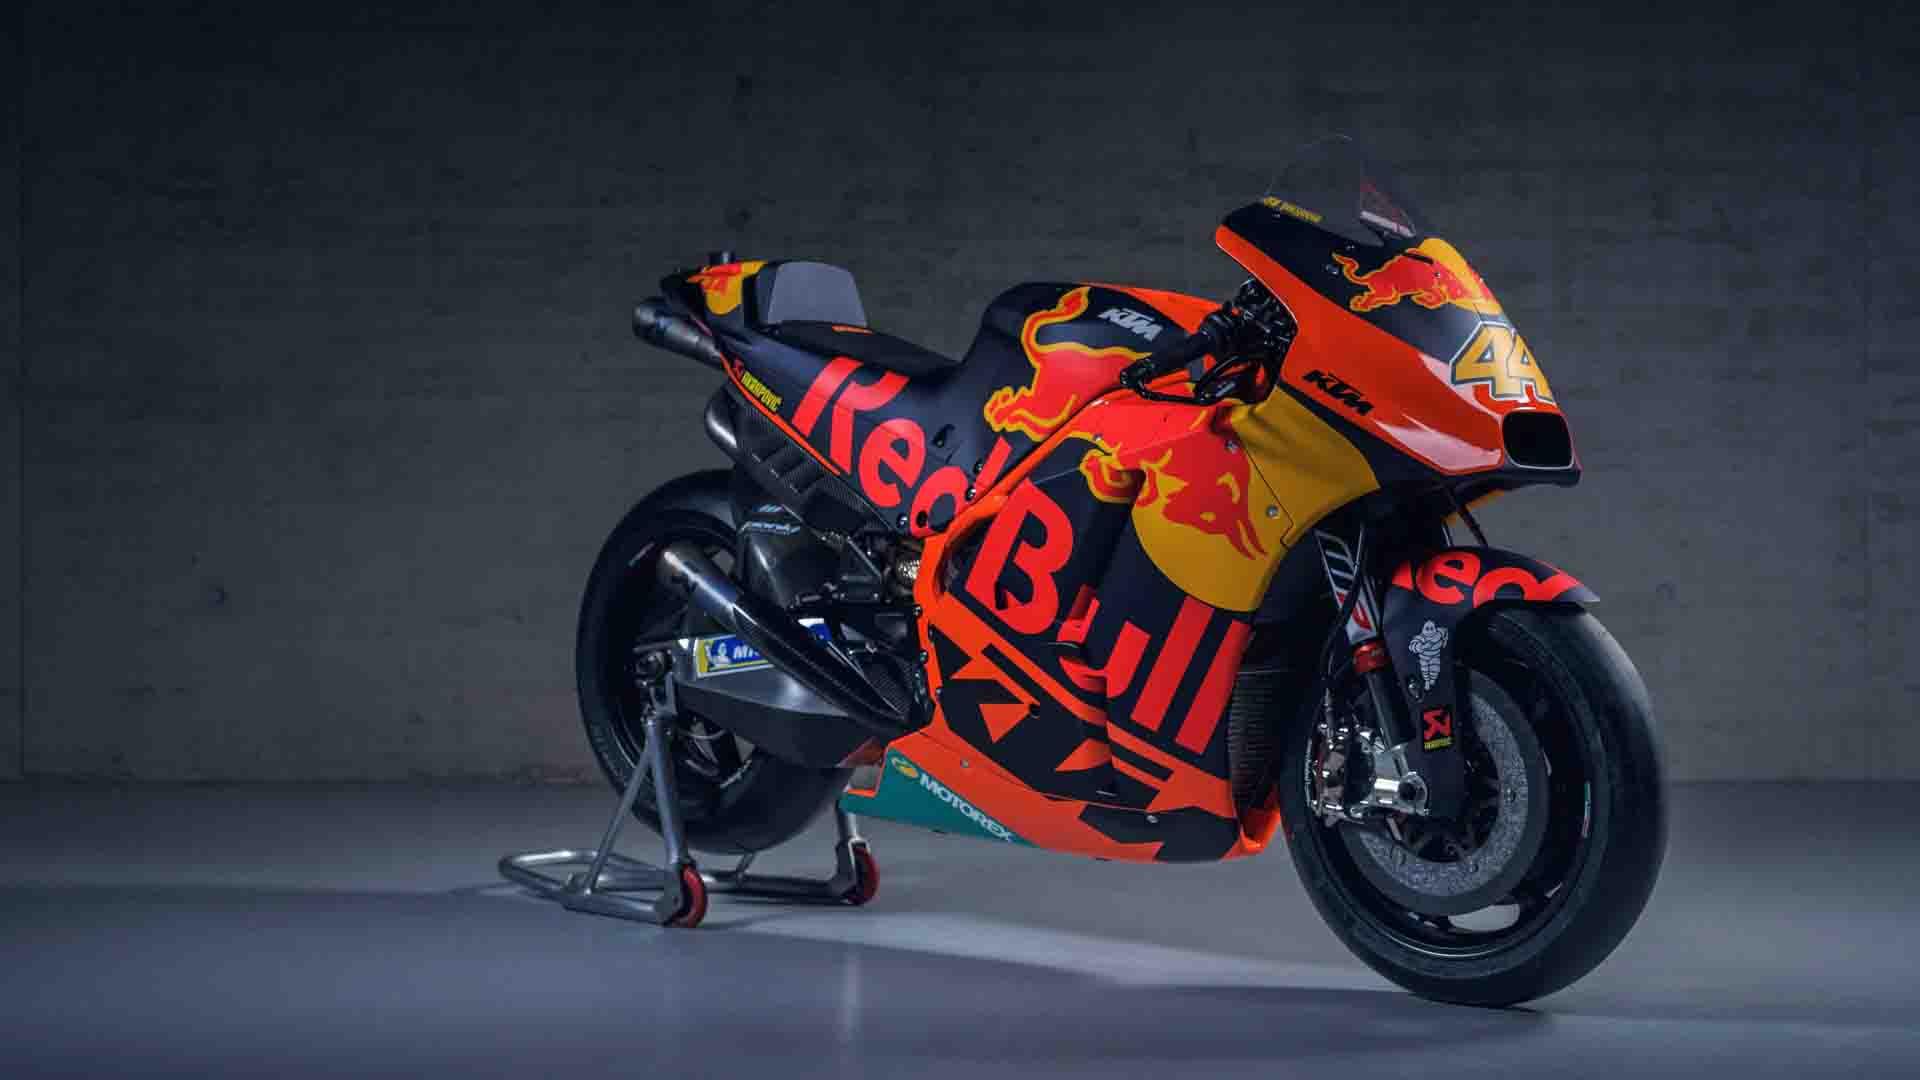 redbull motorcycle wallpaper 73522